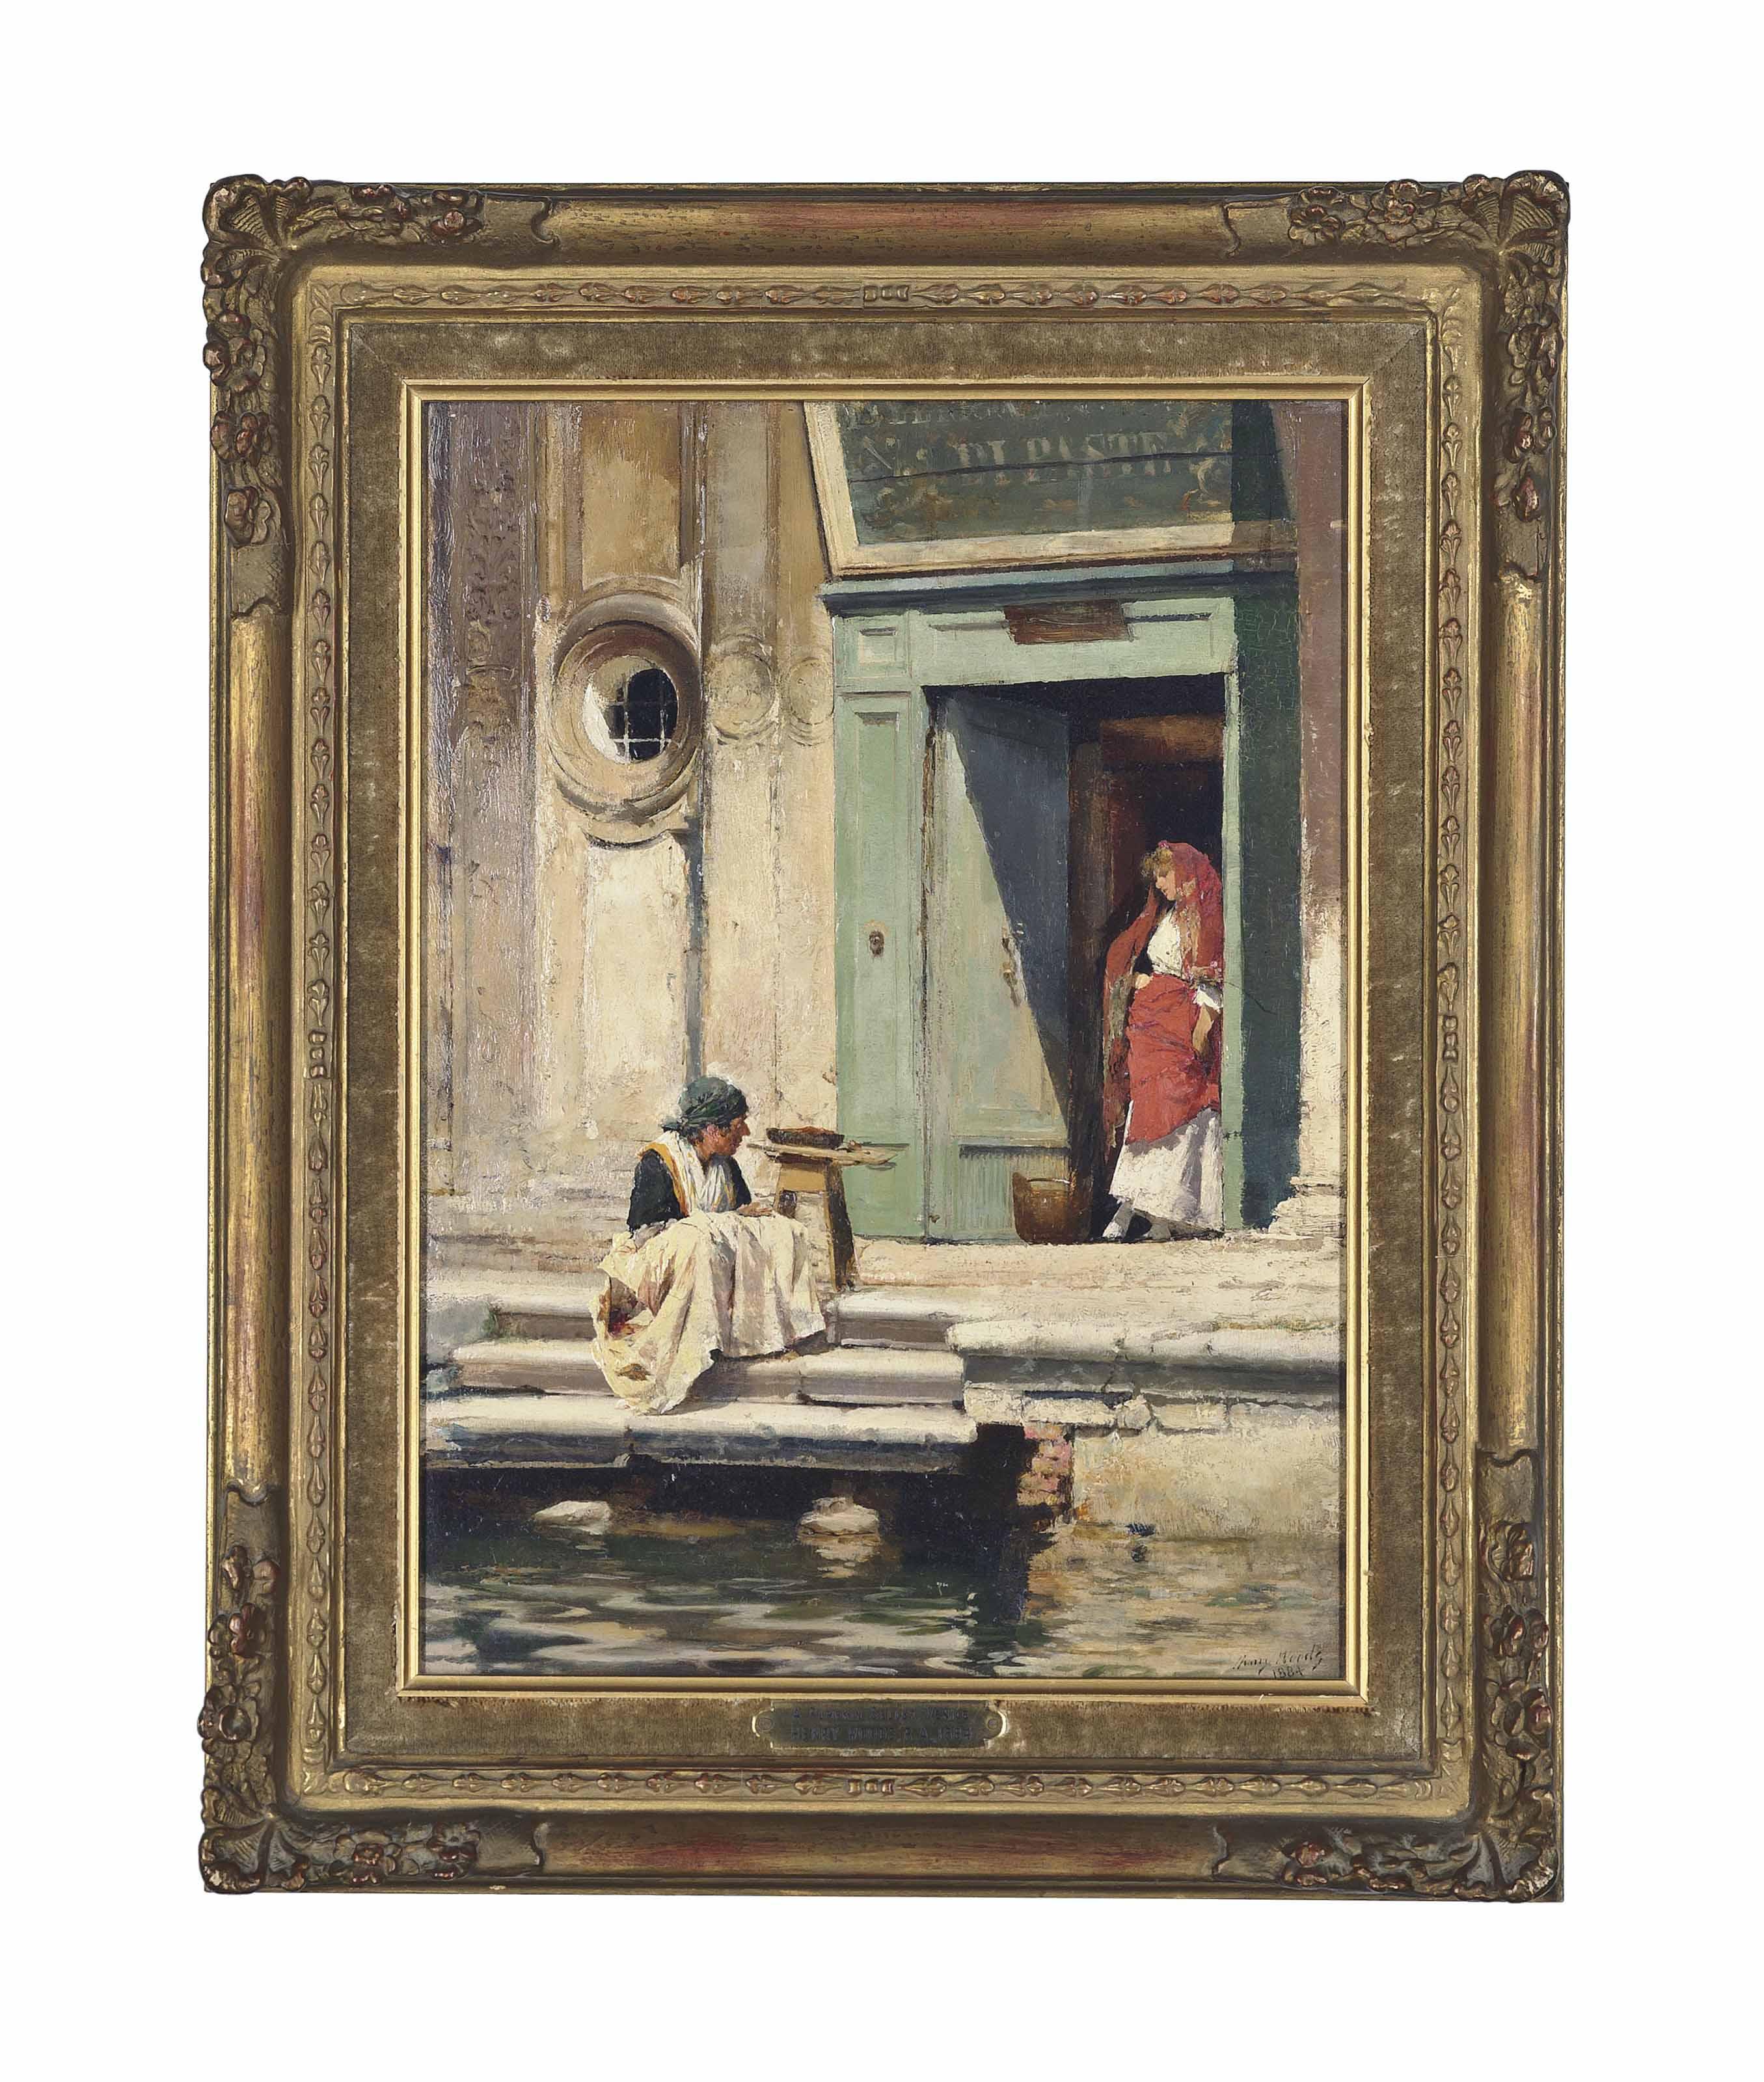 A zucca seller, Venice